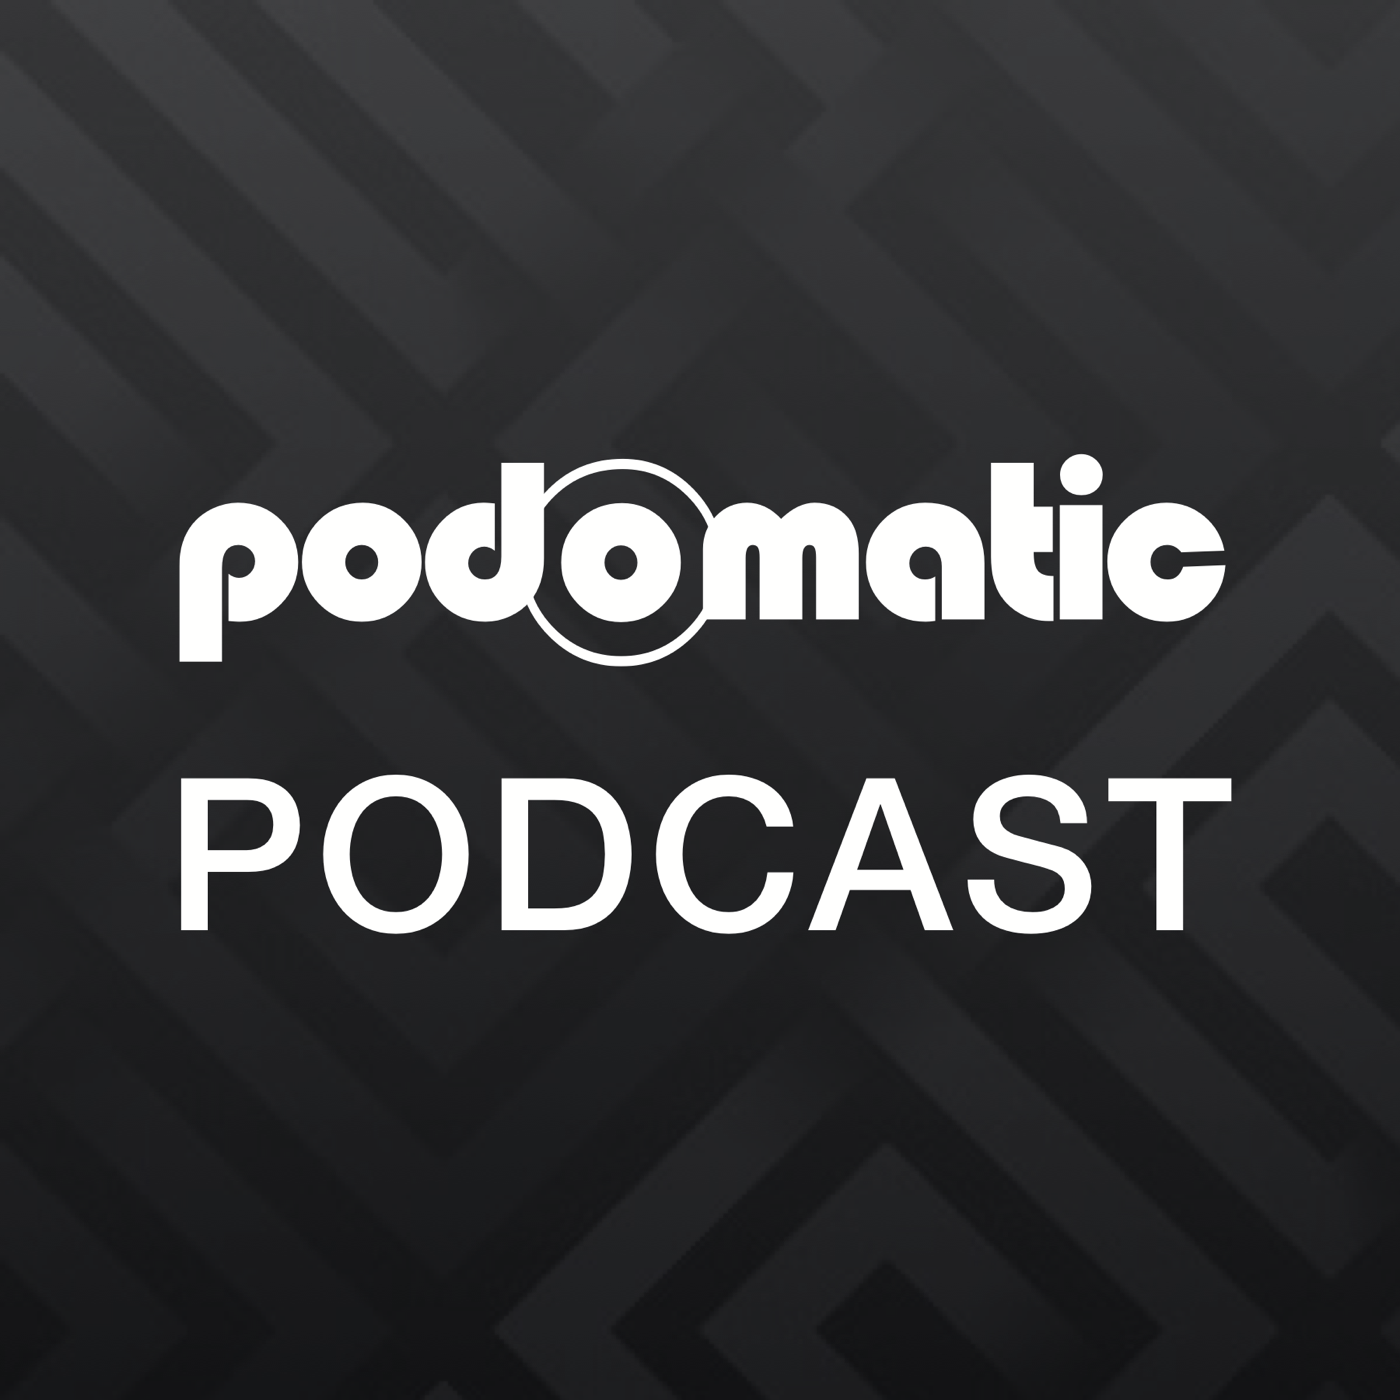 mark beatty's Podcast